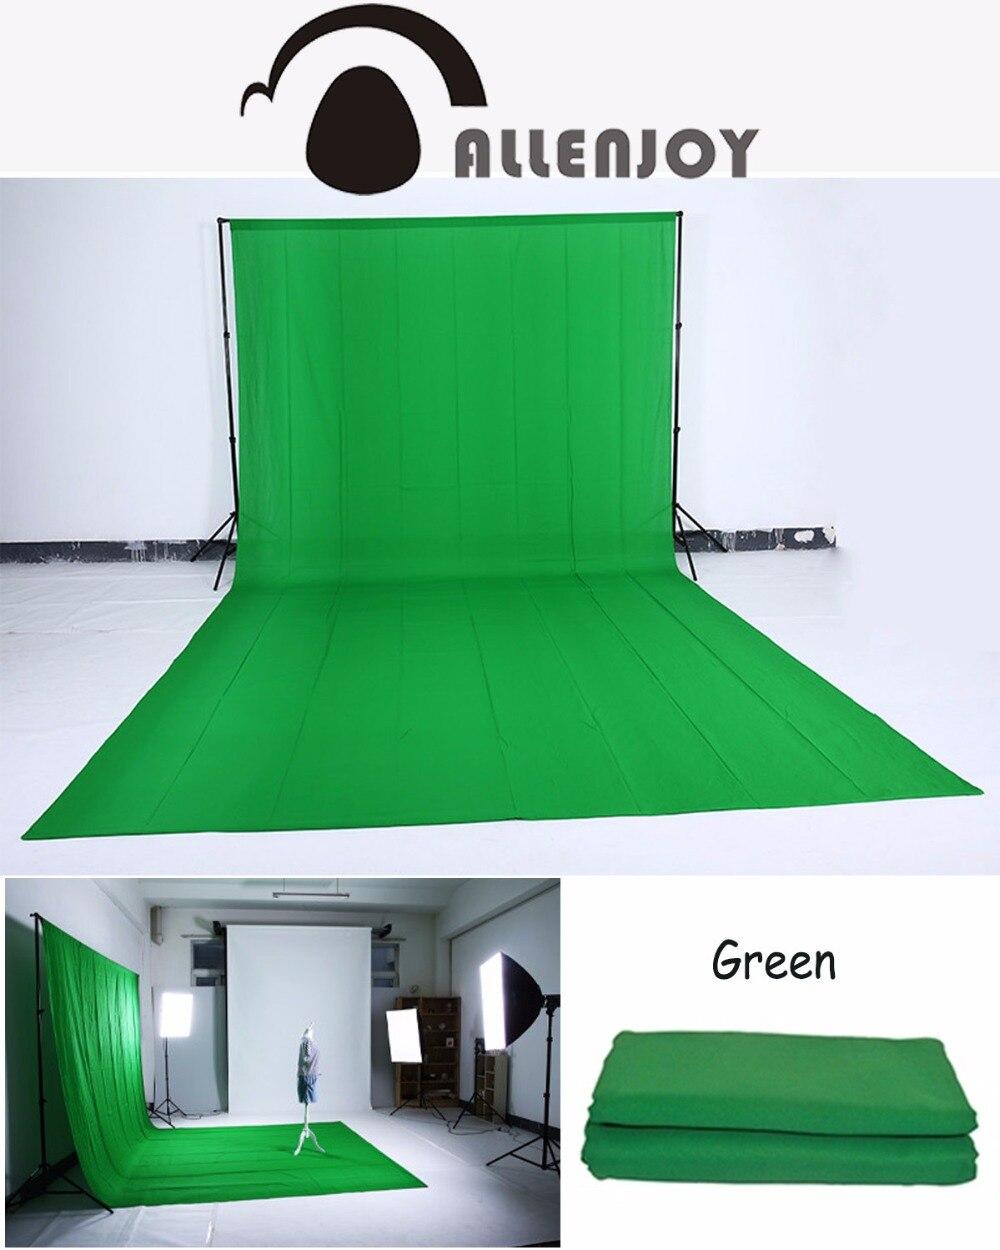 Toile de fond Allenjoy en mousseline de coton toile de fond écran Chromakey pour appareil photo studio photo Fotografica